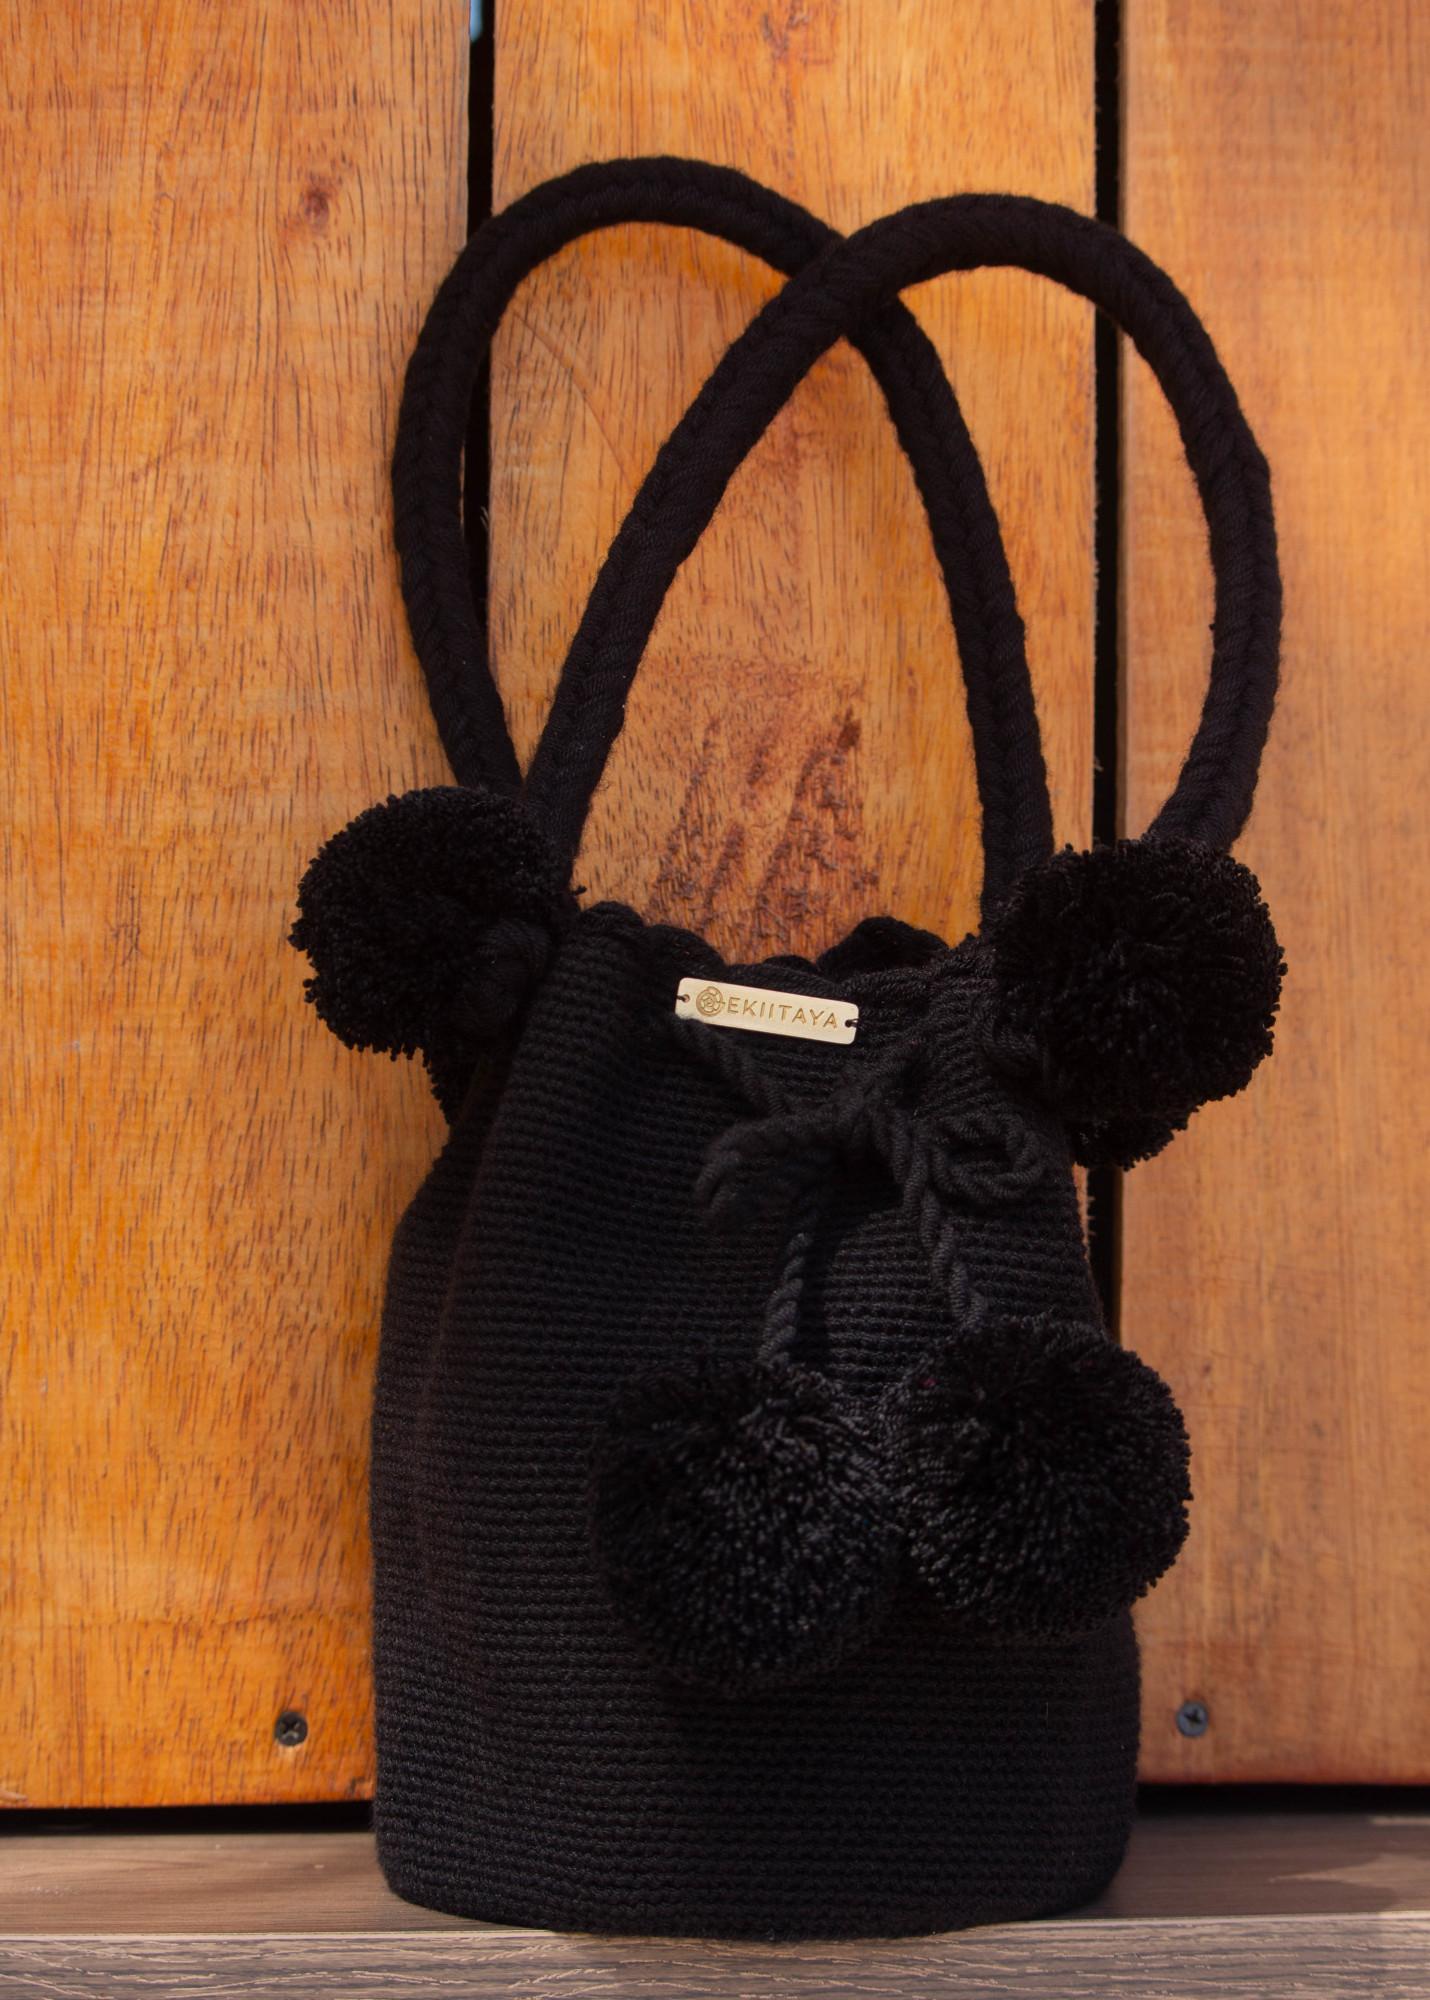 Mini mochila Carbón EKIITAYA